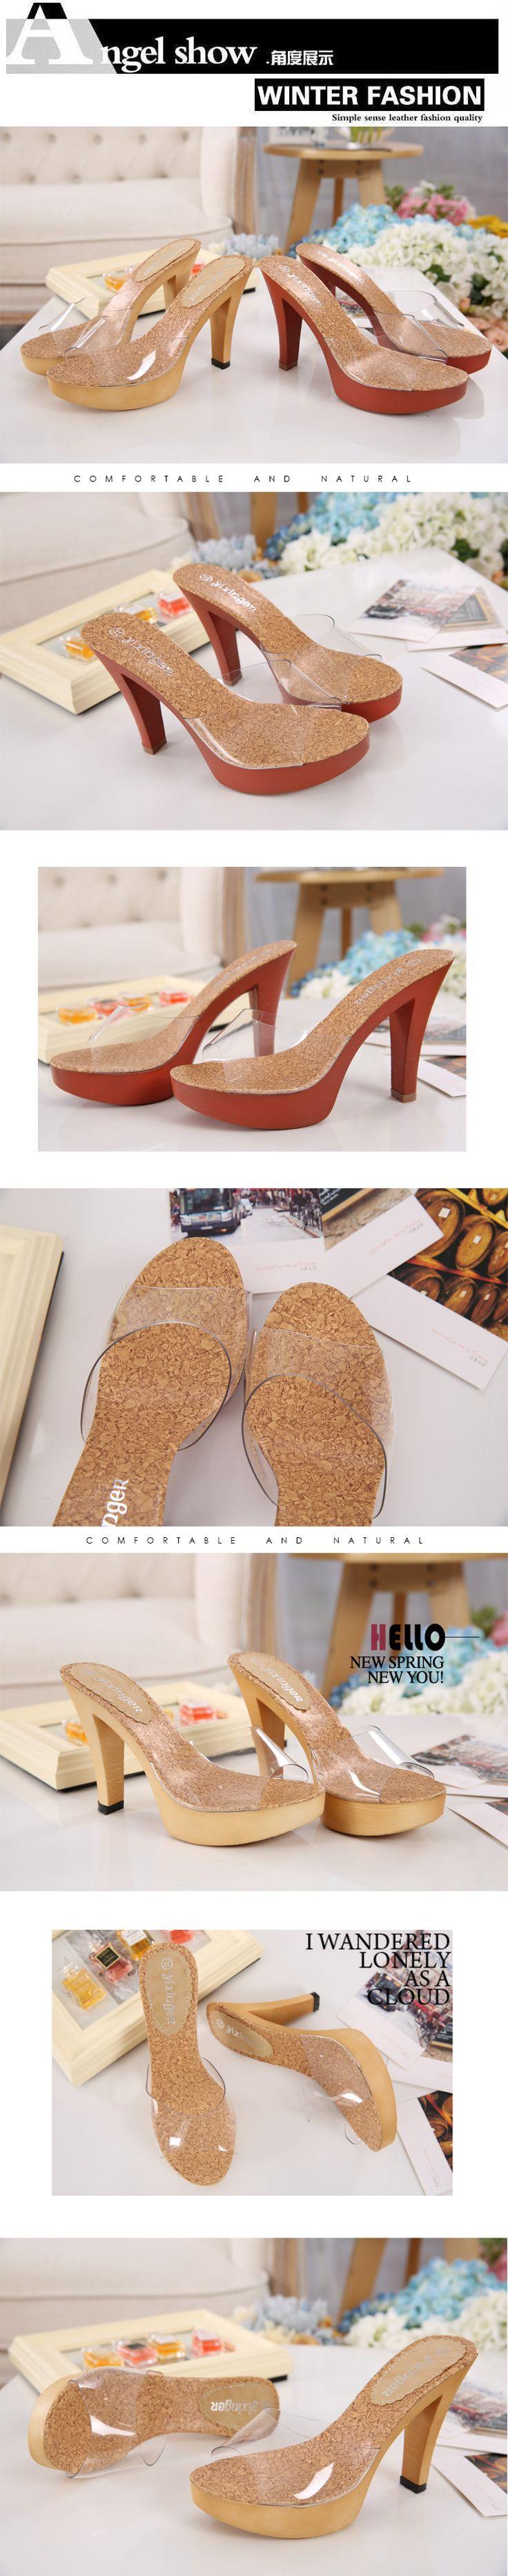 Aliexpress.com: Comprar 2016 moda primavera y el verano gruesa plataforma de talón abierto zapatos de mujer estilo transparente sexy zapatos cristalinos de la mujer sandalias de sandalias de marfil confiables proveedores de Exclusive your shoe.